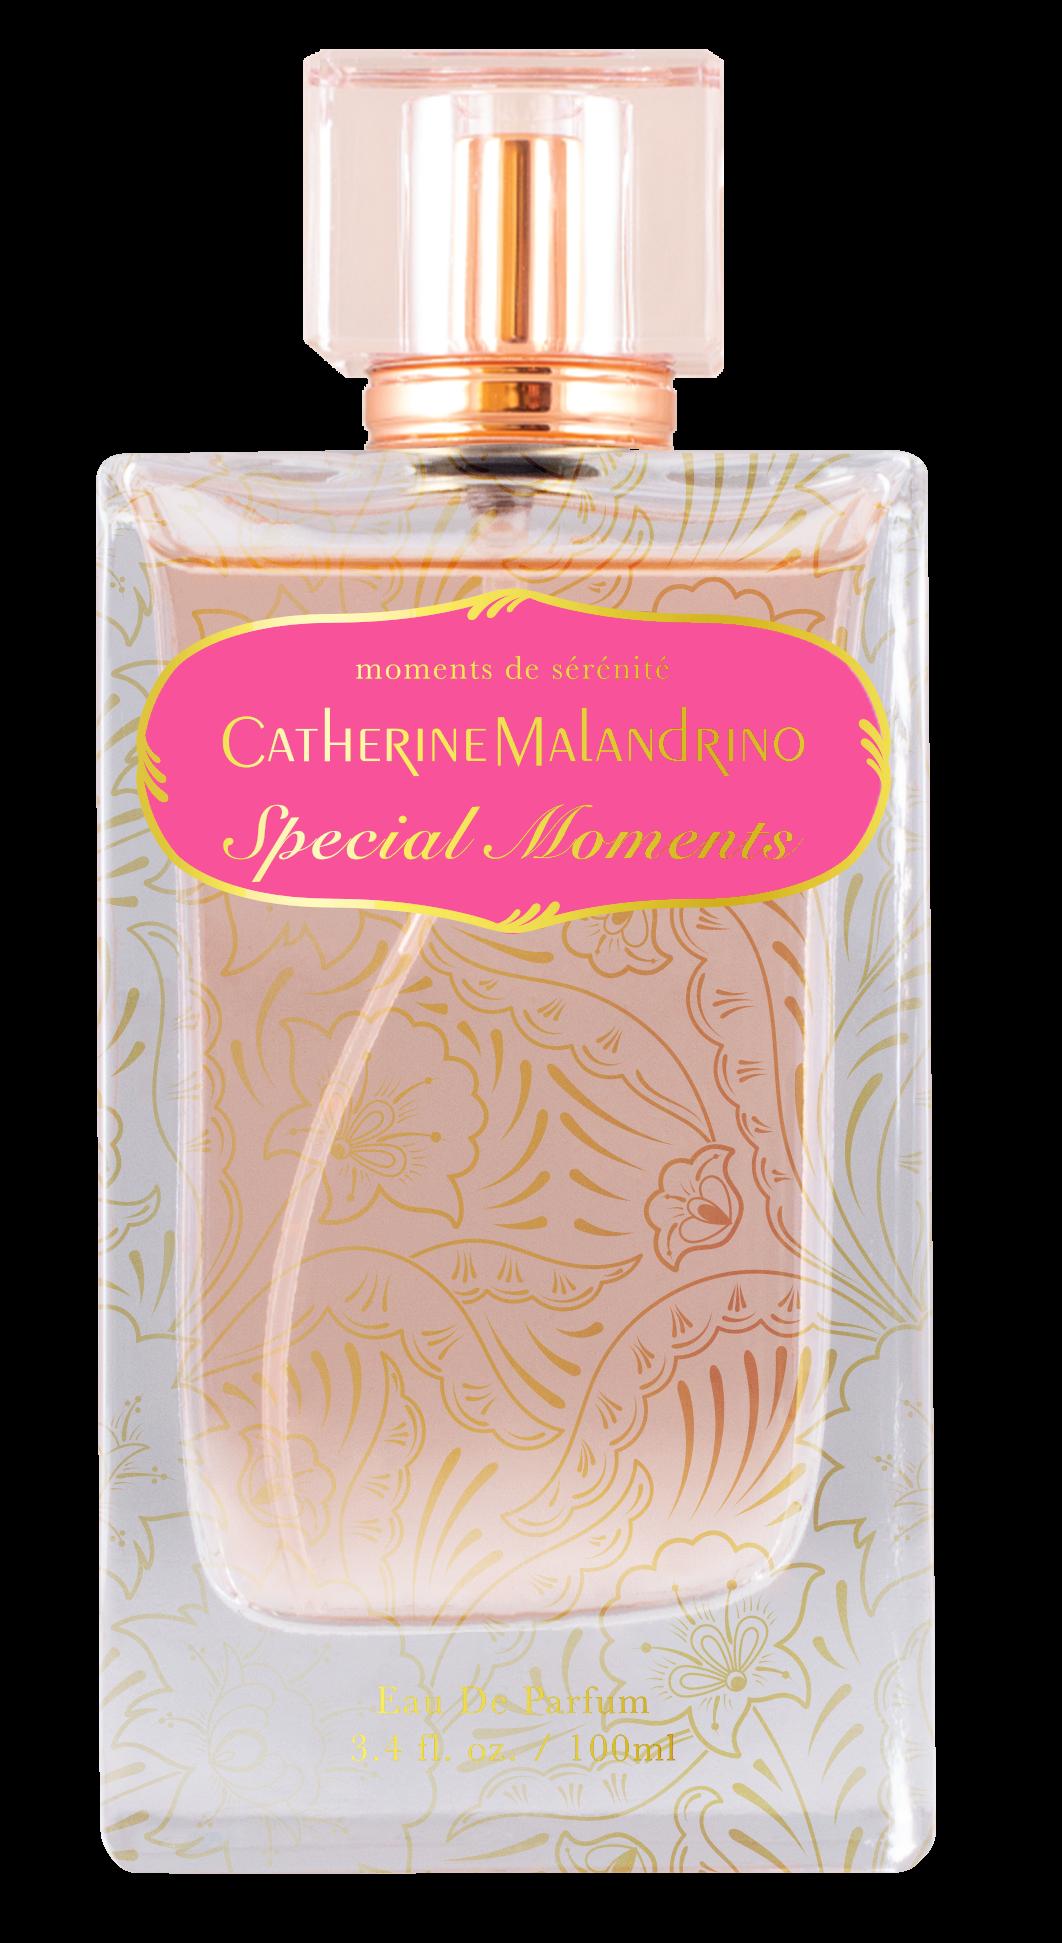 cmbeaute Special Moments Eau De Parfum 3.4oz